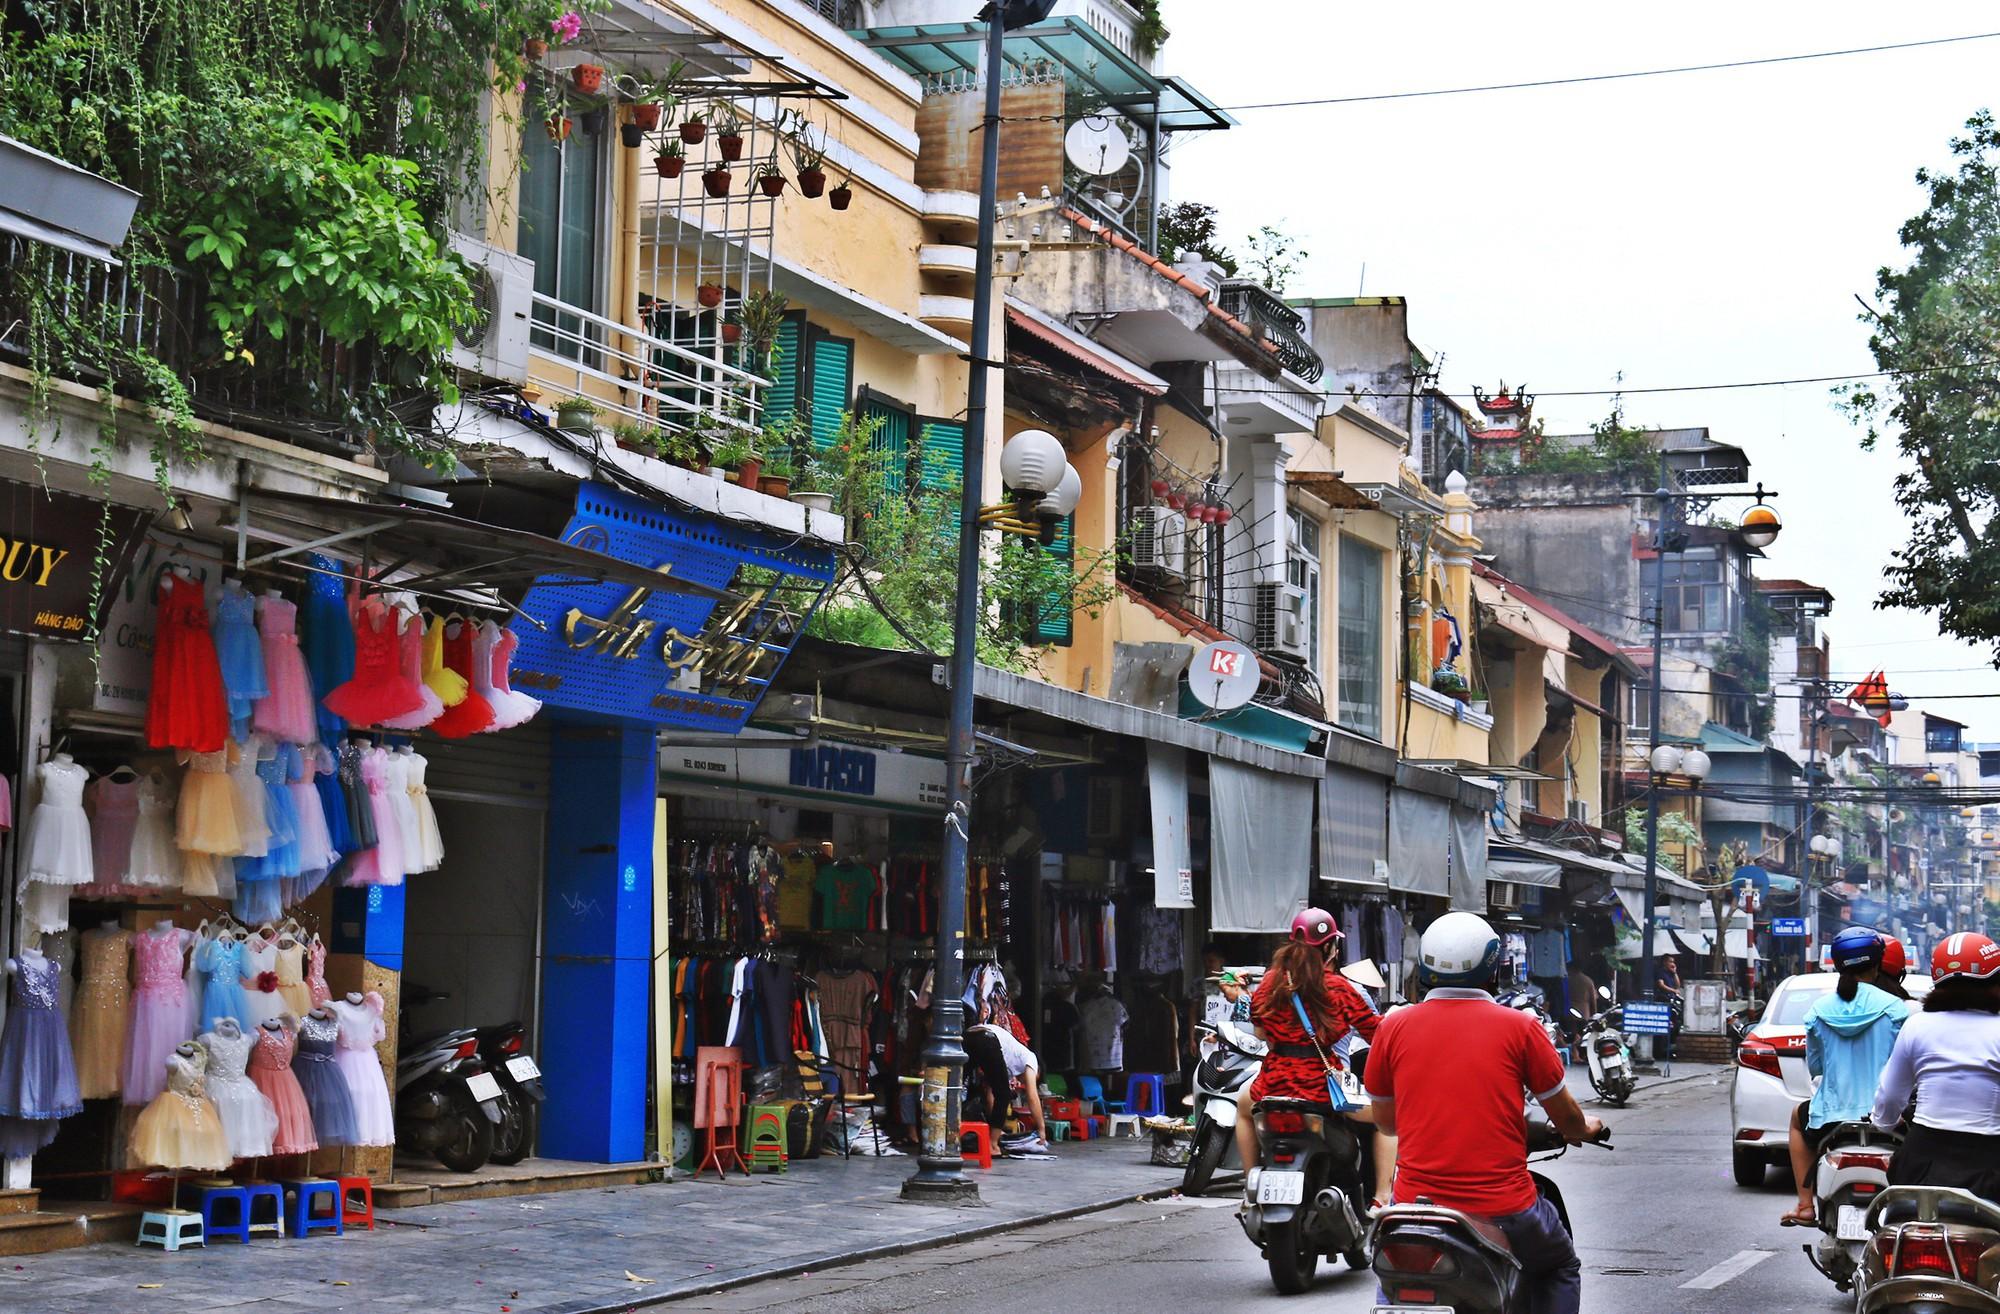 Hà Nội: Chỉnh trang nhiều ngôi nhà trên phố cổ để hút du khách - Ảnh 7.